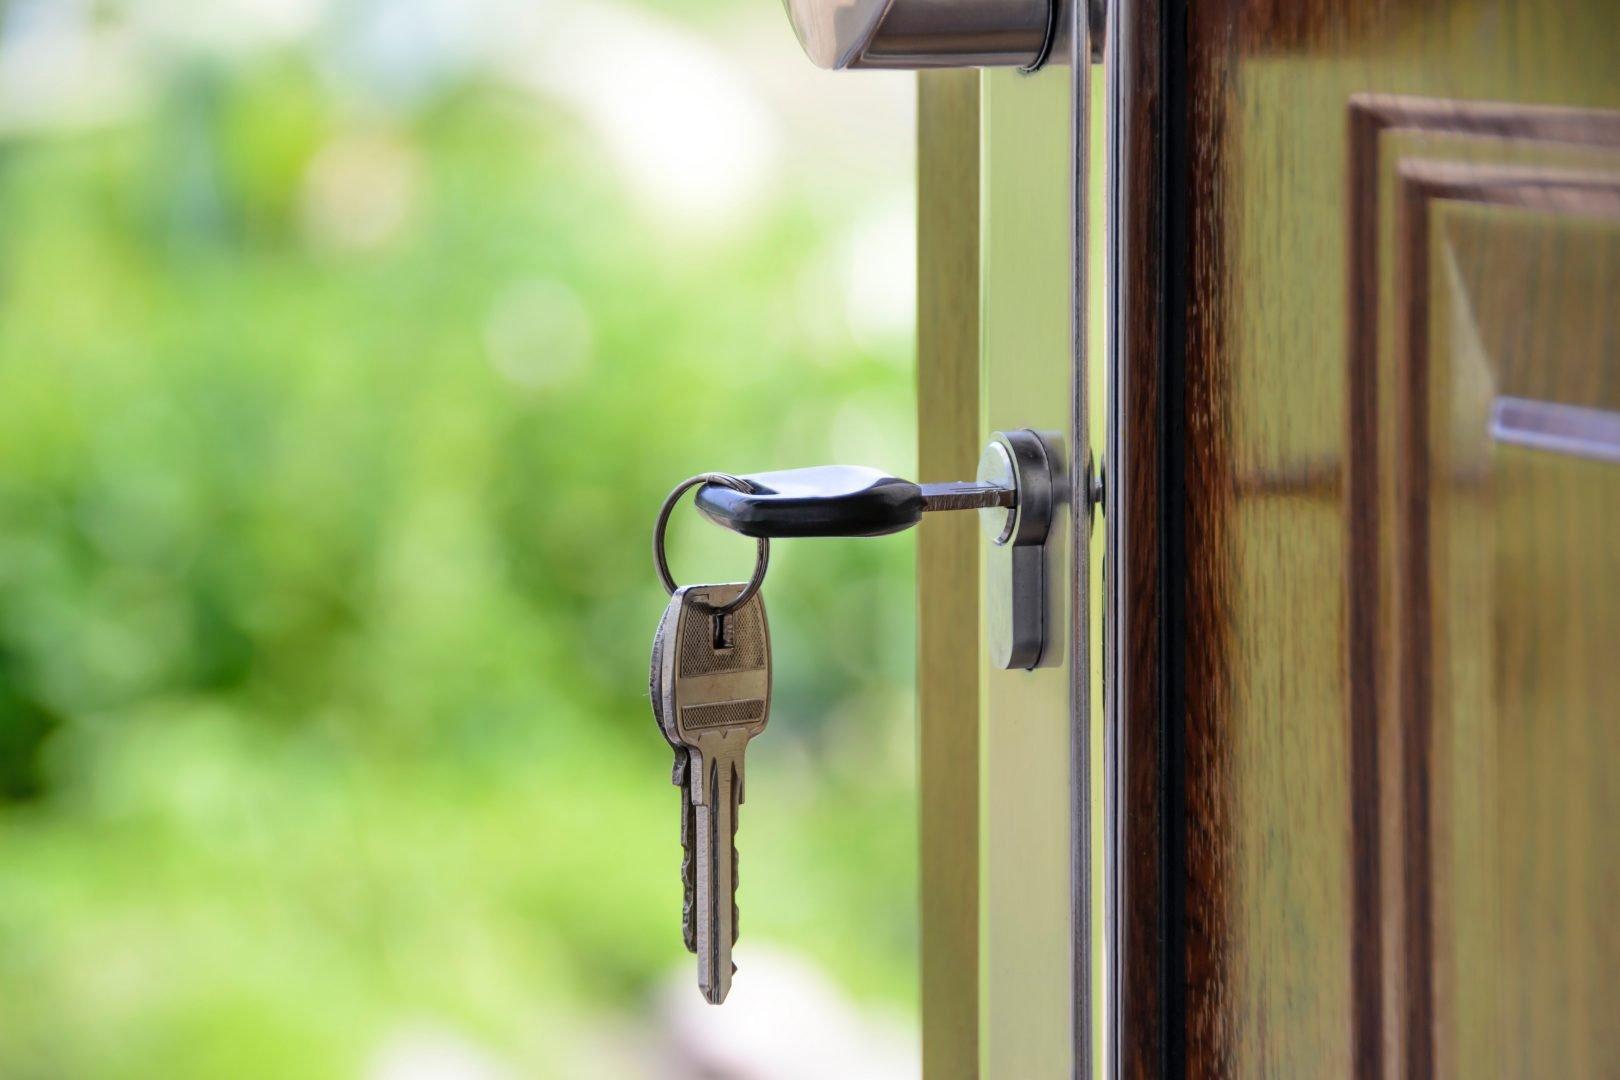 Tout ce que vous devez savoir si vous êtes propriétaire à Alicante et voulez louer votre appartement